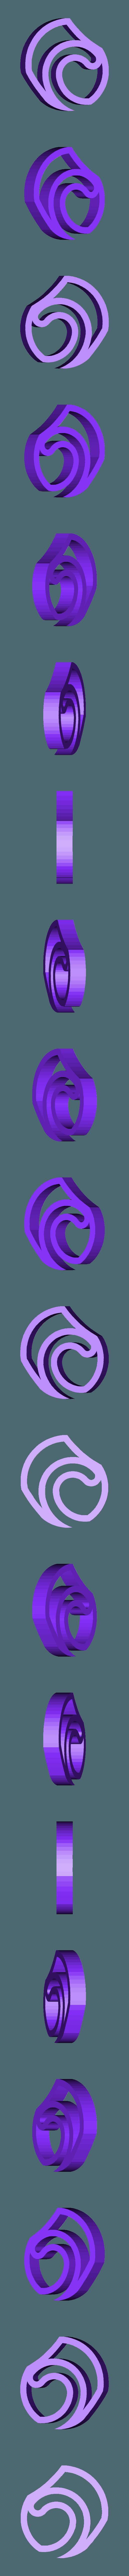 2_left_heart_rose.stl Télécharger fichier STL gratuit Coeur de Quilling imprimé en 3D • Modèle pour impression 3D, TanyaAkinora